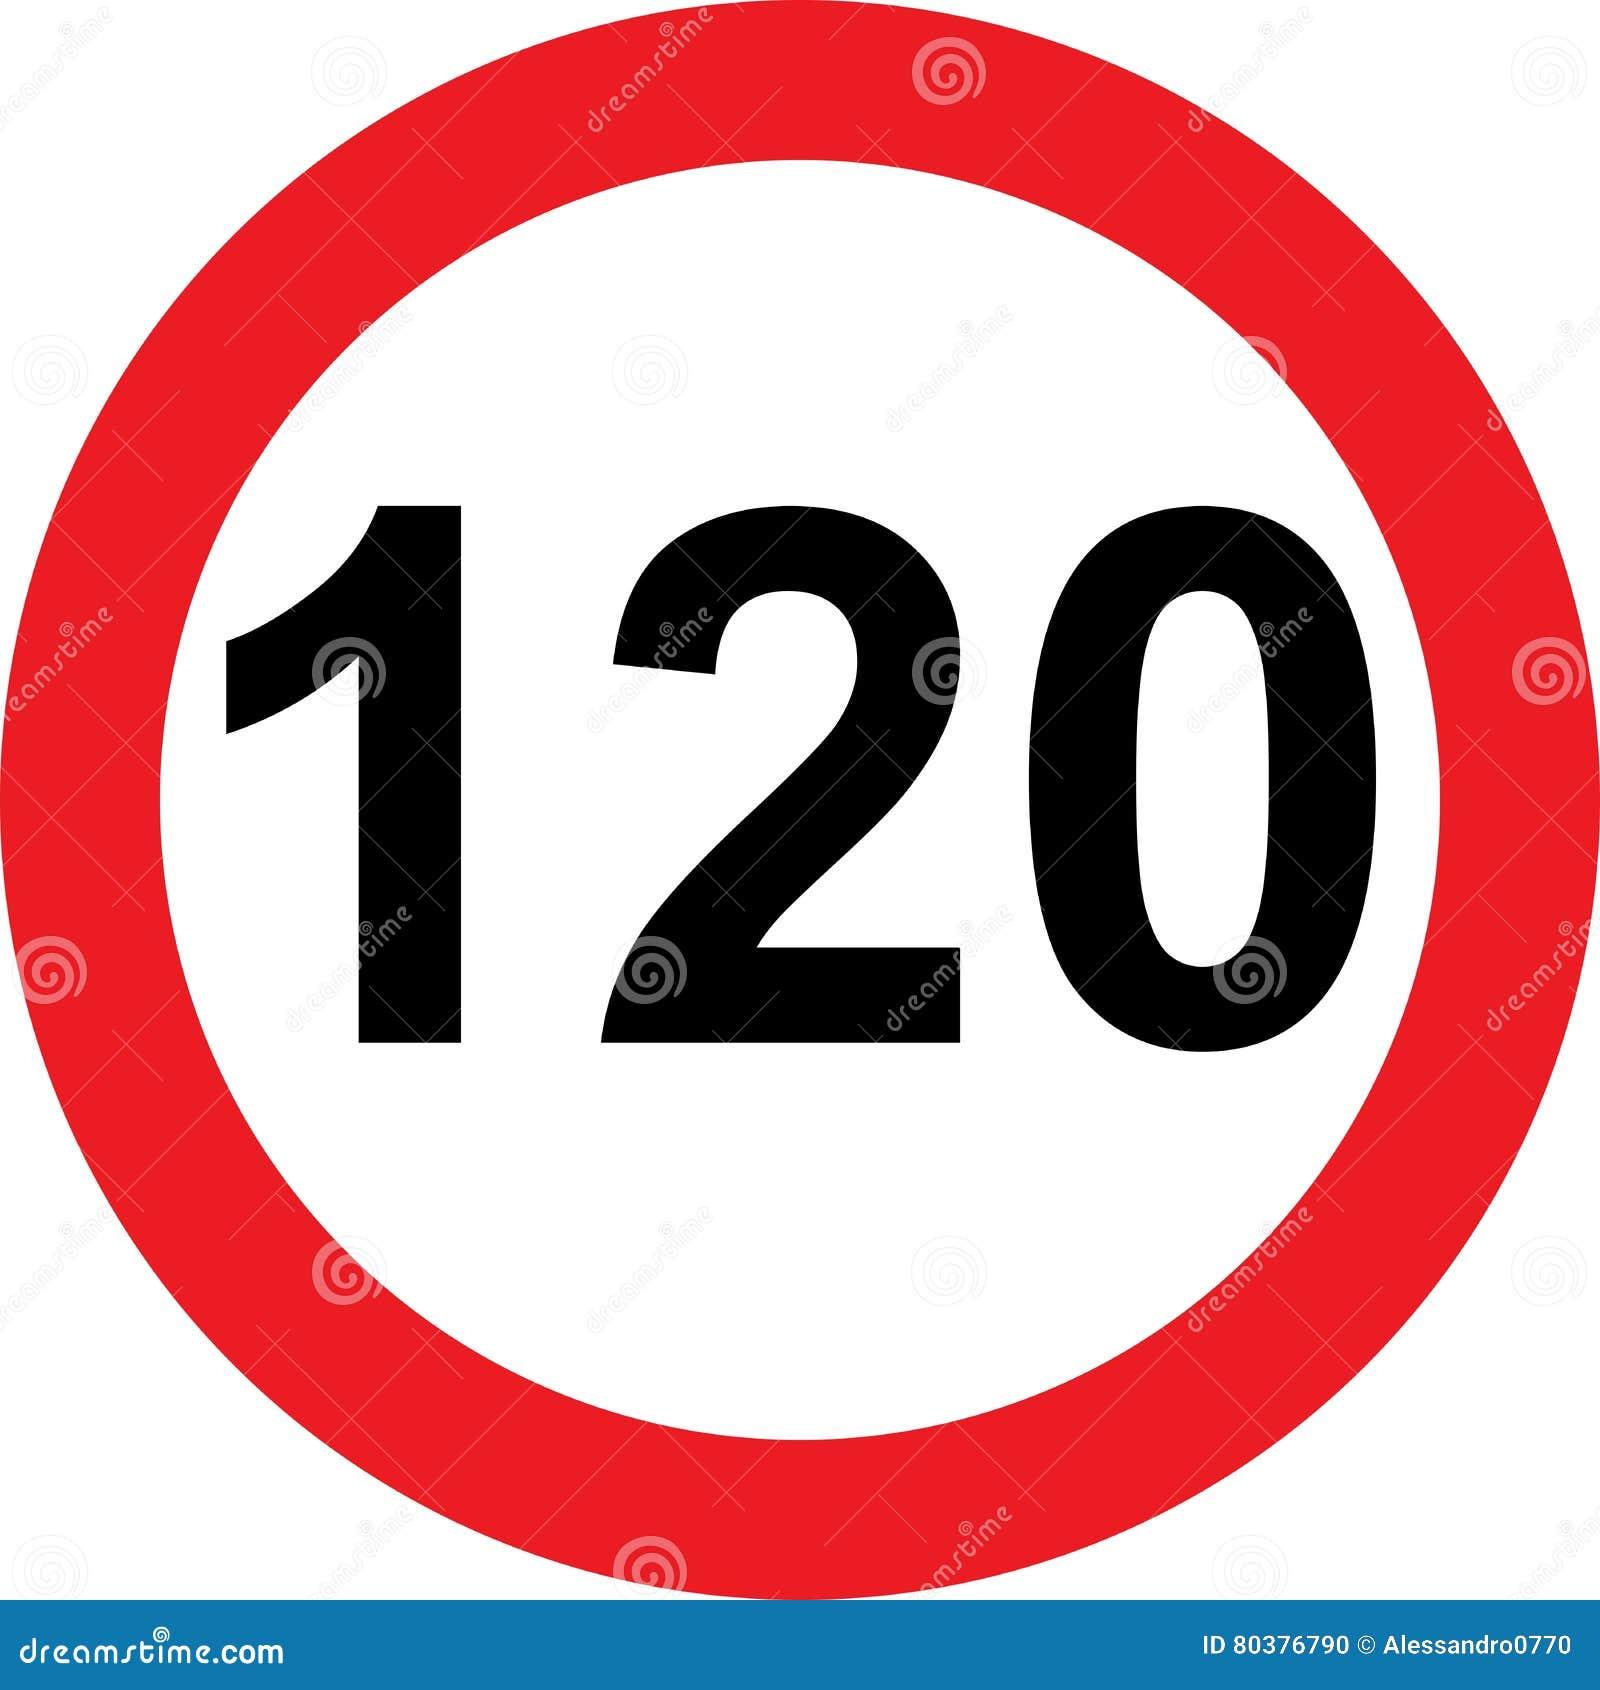 Segnale stradale di limitazione di 120 velocità